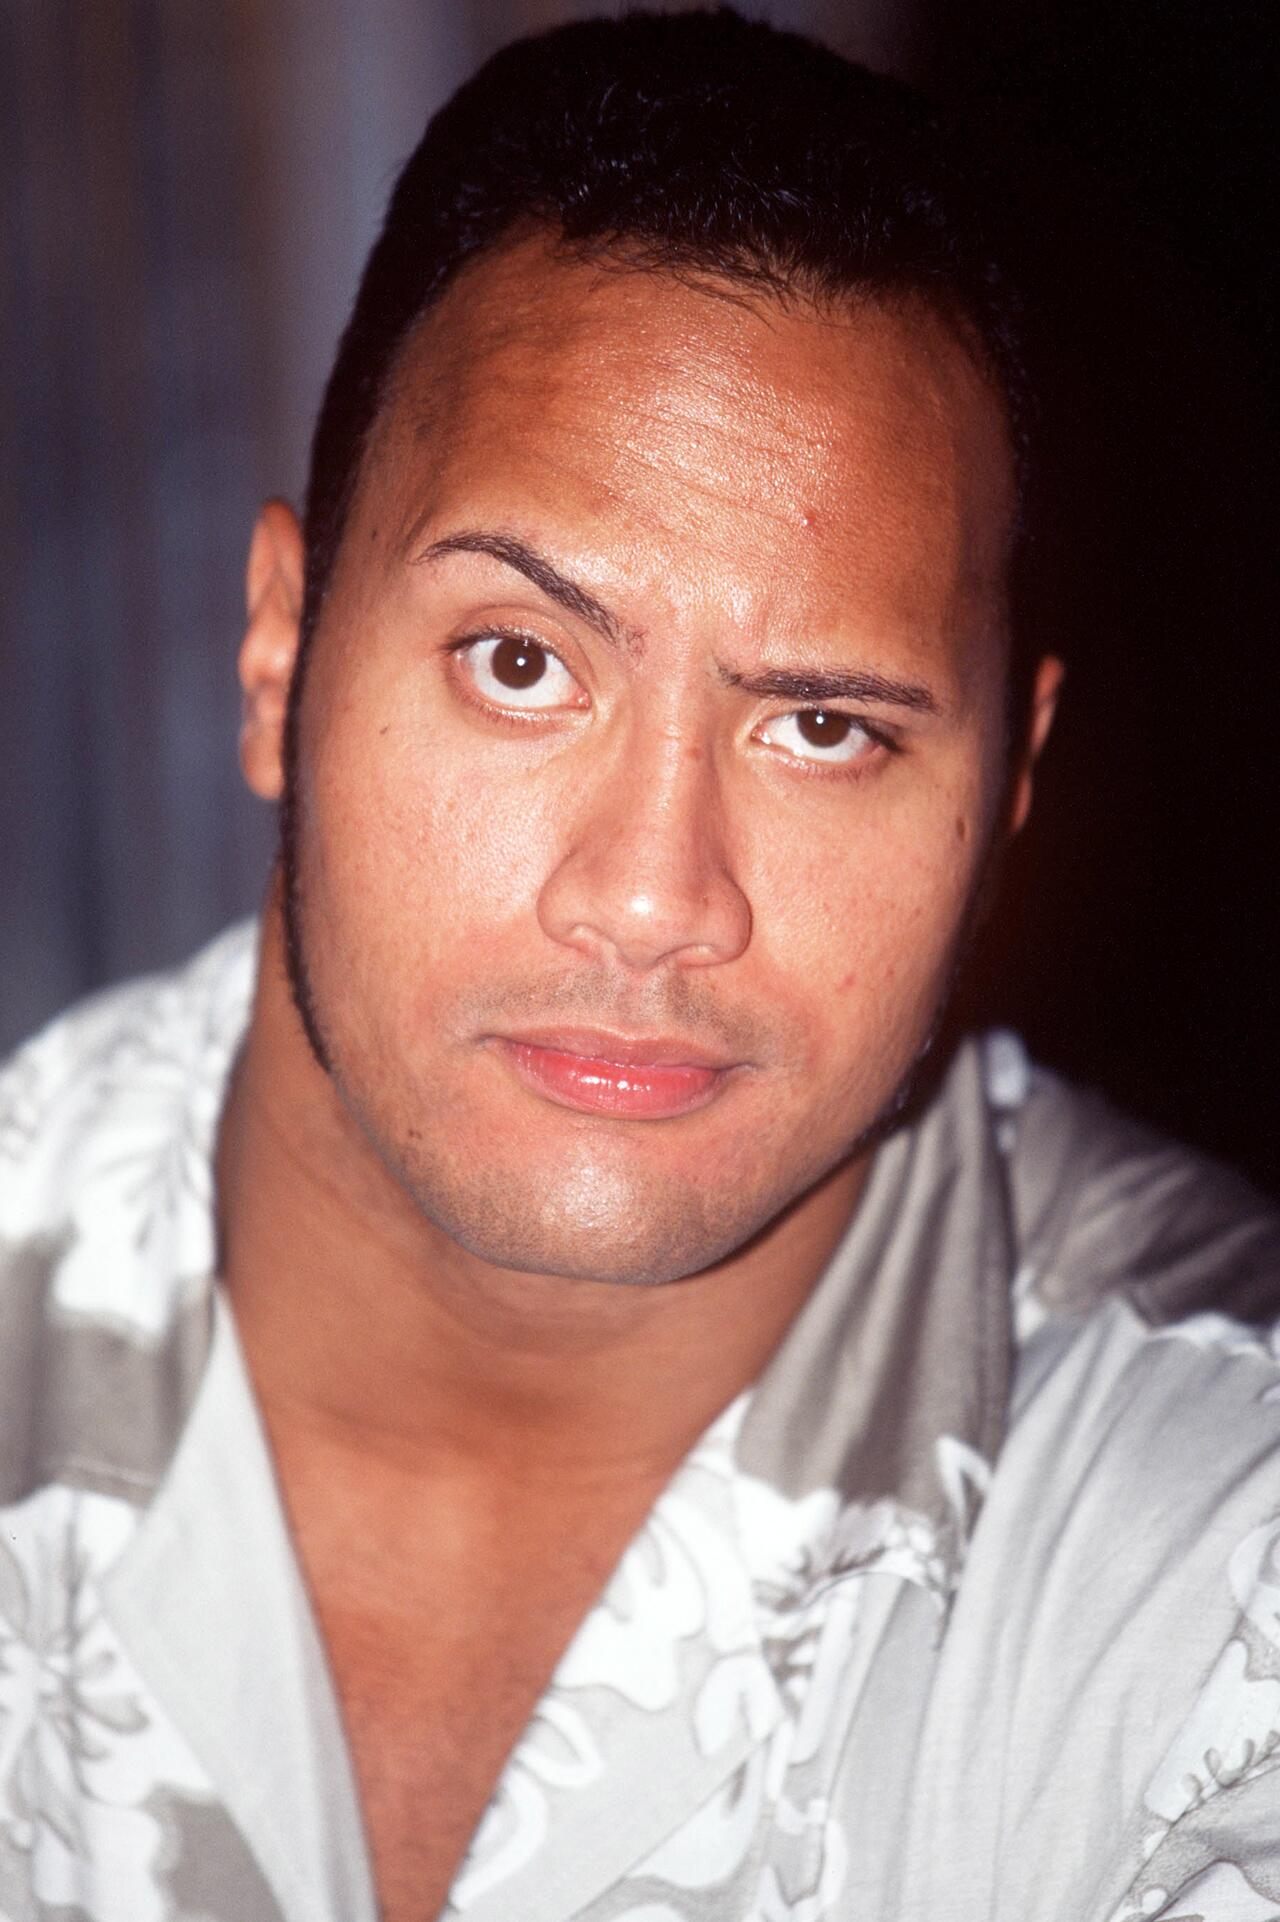 Bild zu Dwayne Johnson, The Rock, Haare, 90er